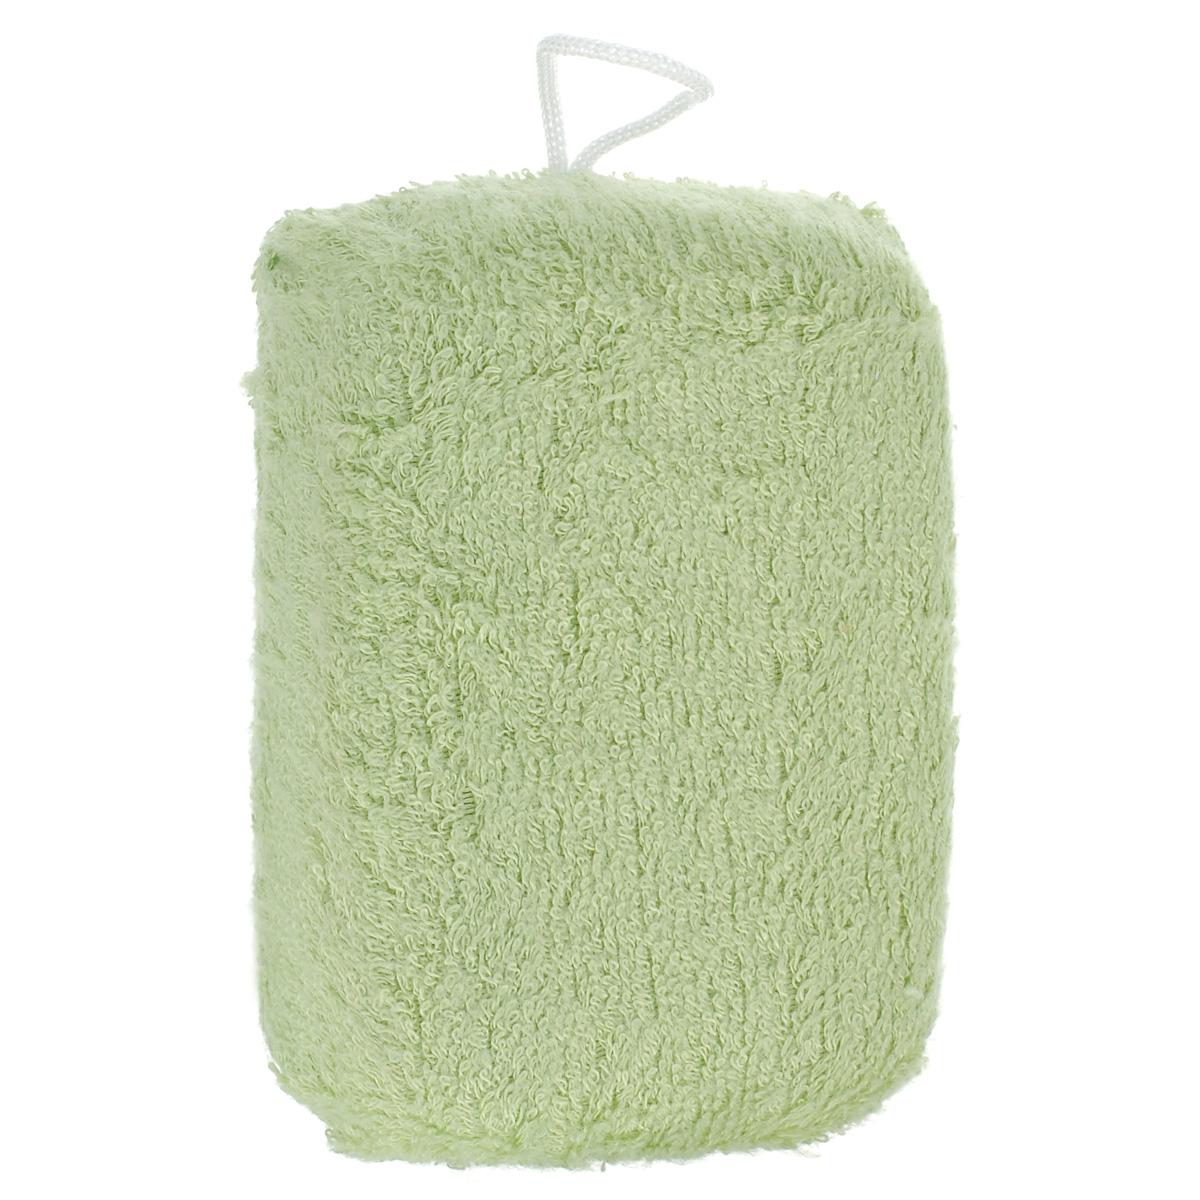 Мочалка для лица The Body Time, из бамбука, цвет: светло-зеленый, 12 см х 8 см63946Мочалка для лица The Body Time, изготовленная из нежнейшего бамбукового волокна предназначена для самого нежного мытья. Структура бамбукового волокна настолько мягкая, что подходит даже для чувствительной кожи лица. Мочалку можно использовать в ванной, в бане или в сауне.